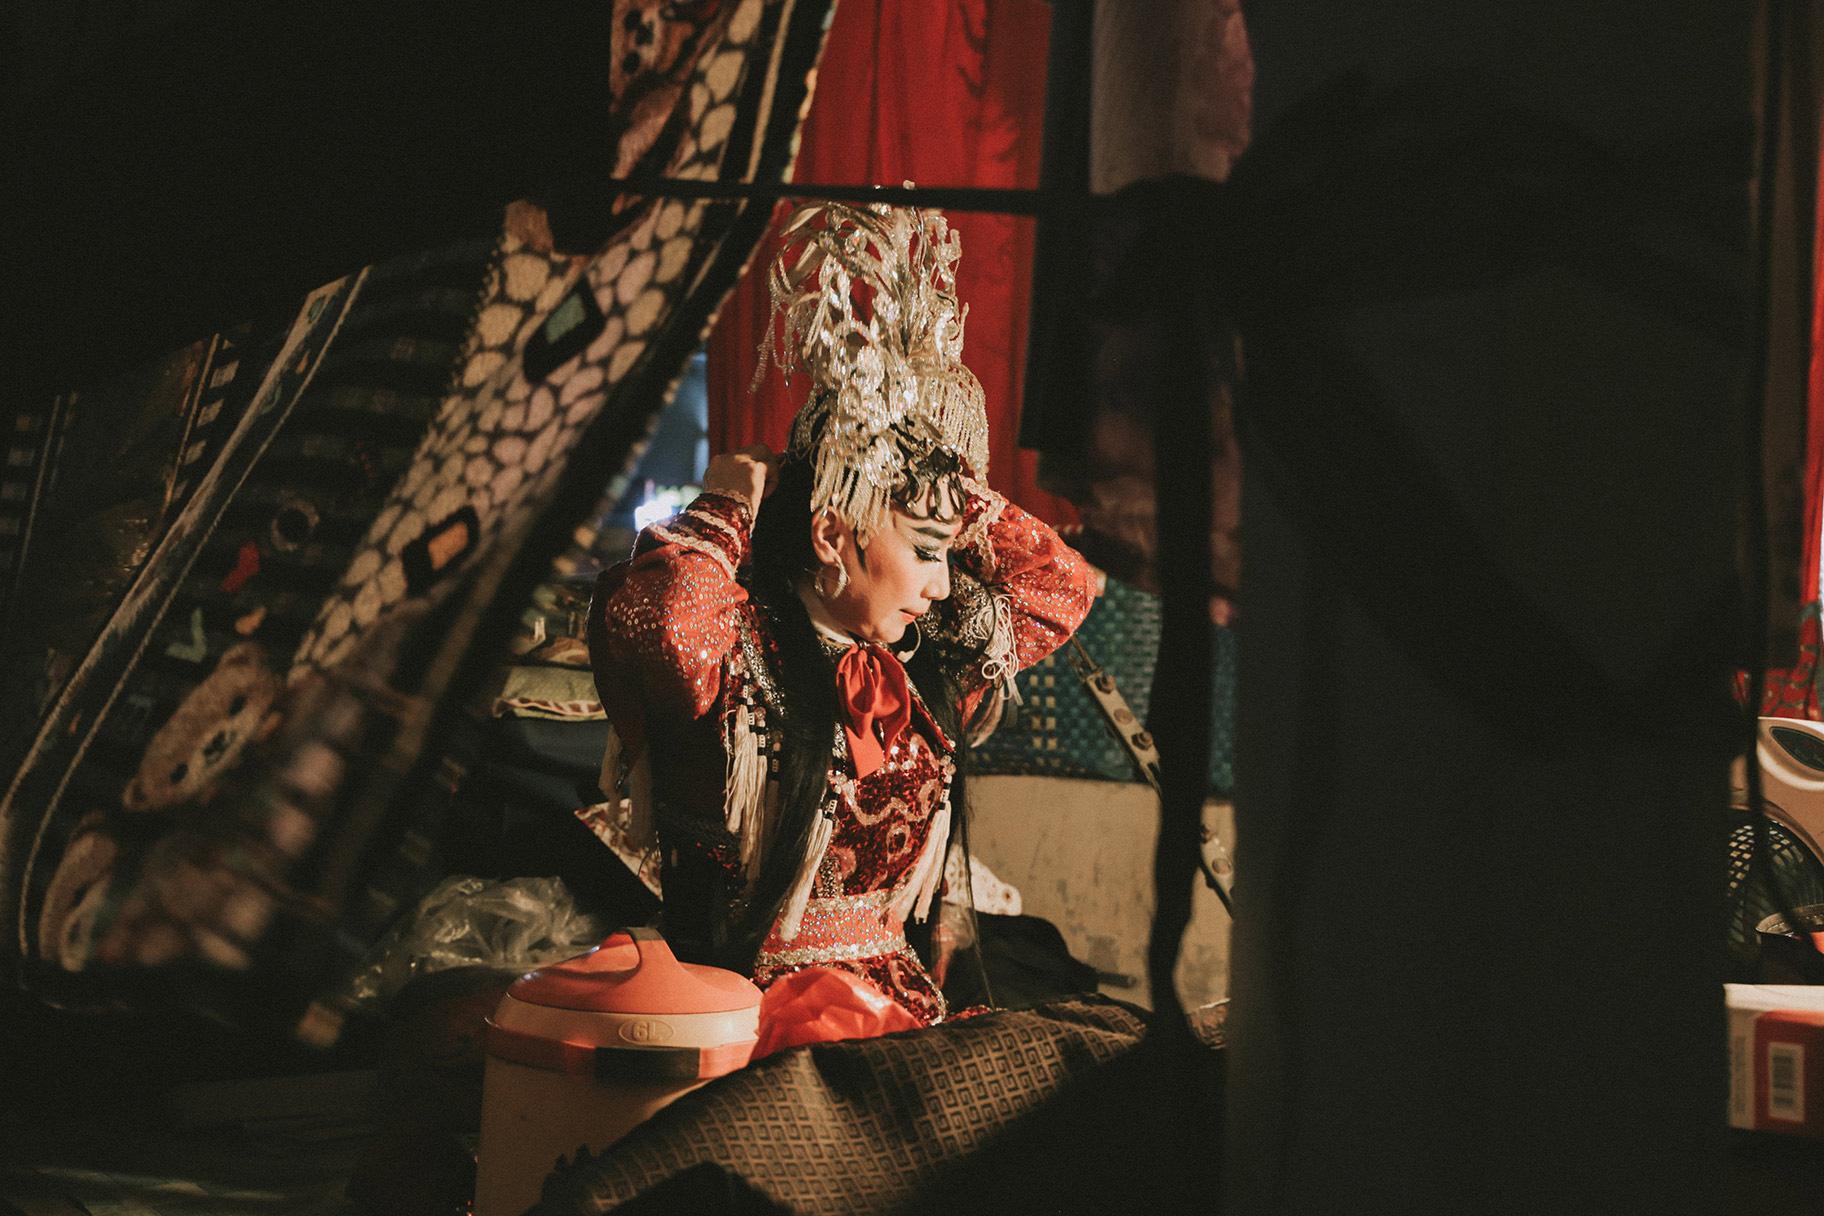 Đạo diễn Lê Mỹ Cường, Đoạn trường vinh hoa và hành trình chạm vào cảm xúc - Ảnh 8.